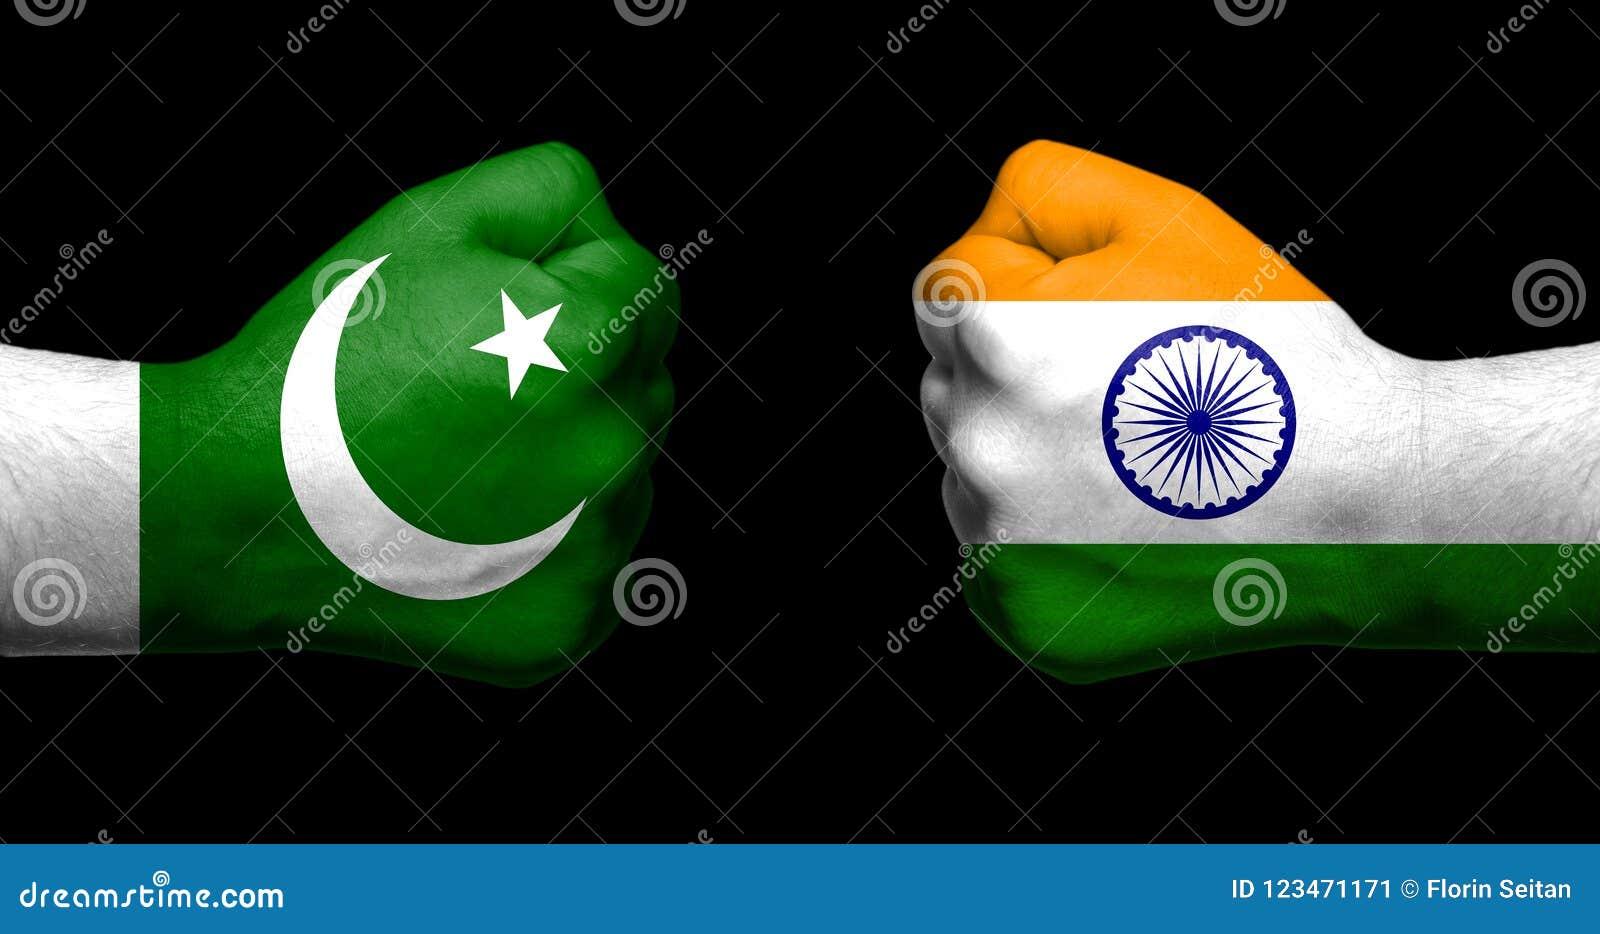 Флаги Индии и Пакистана покрашенных на смотреть на 2 сжатых кулаков